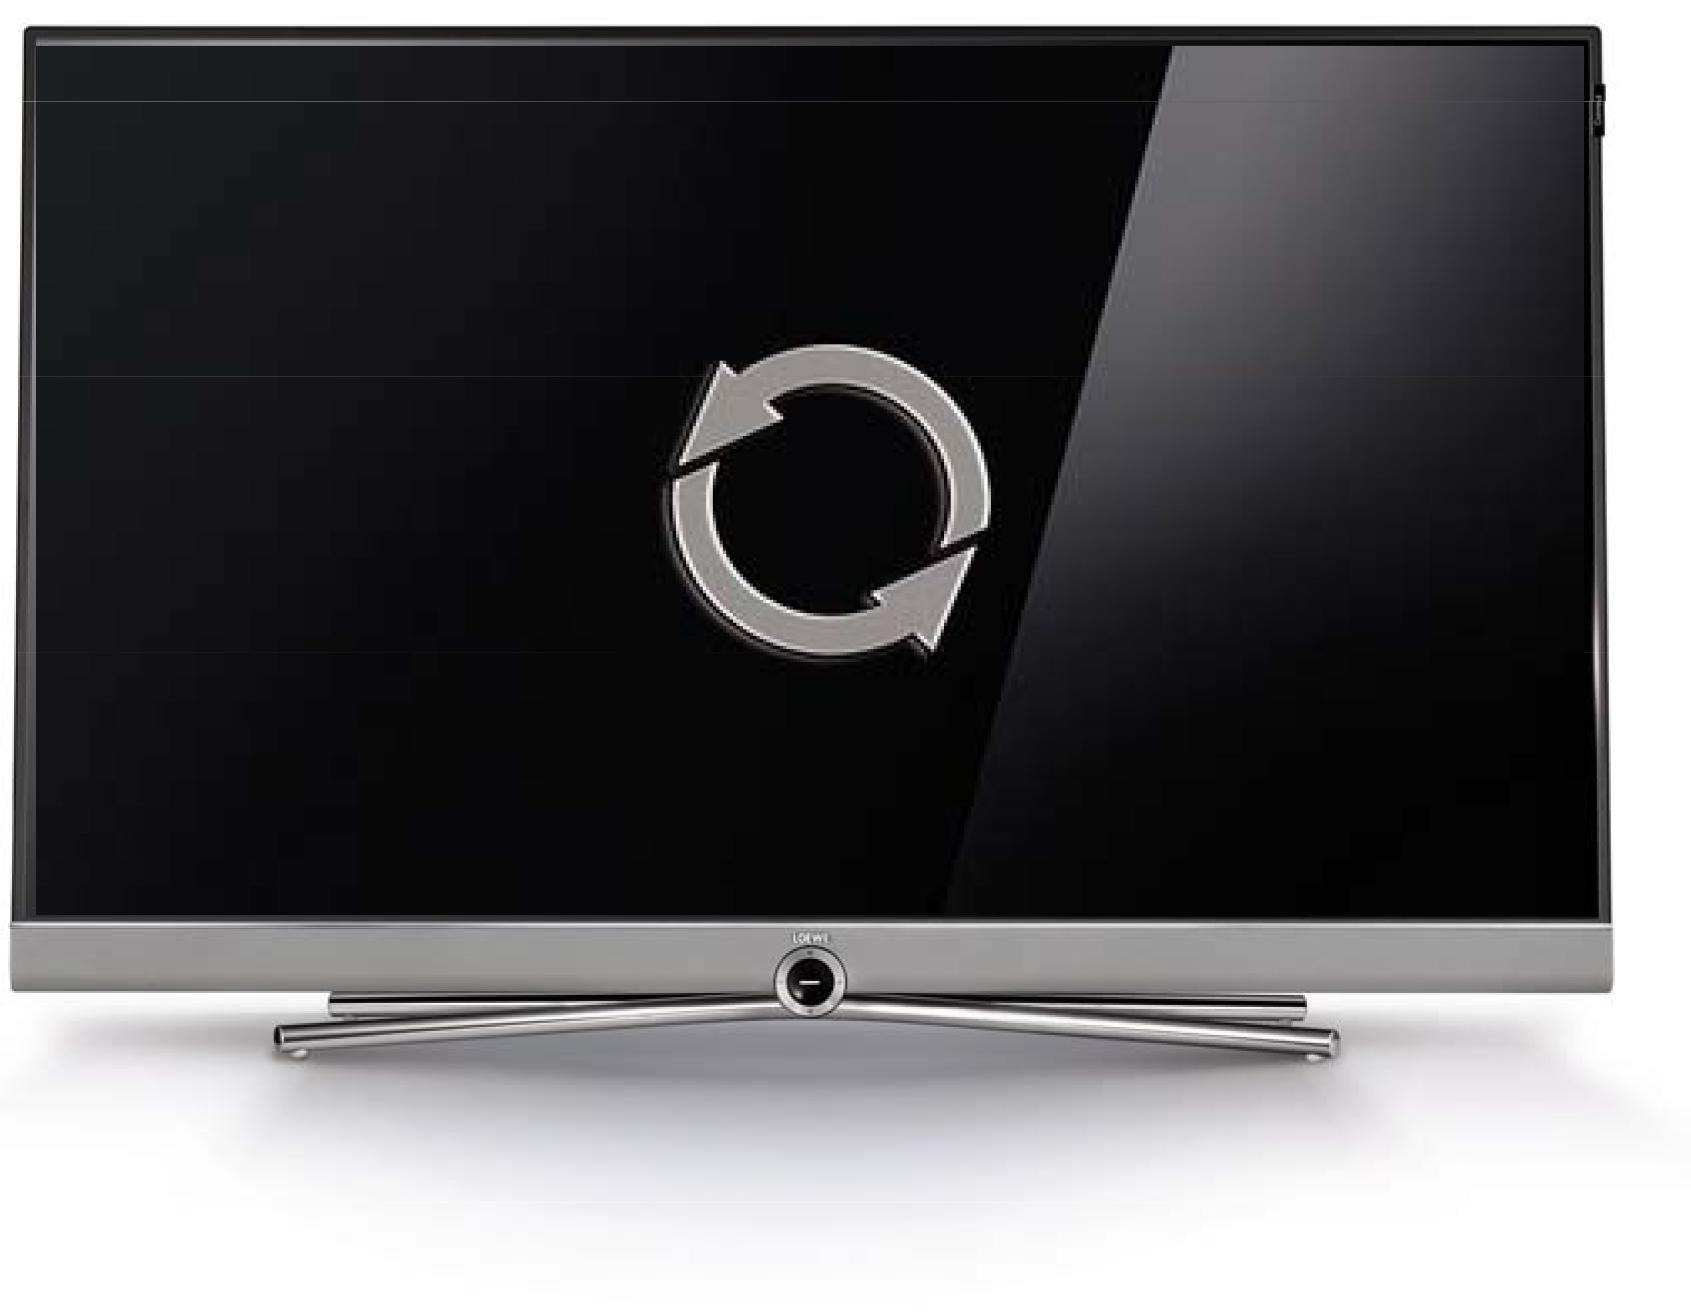 Mise à jour télévision Loewe Connect 48 DR+ UHD controlsound